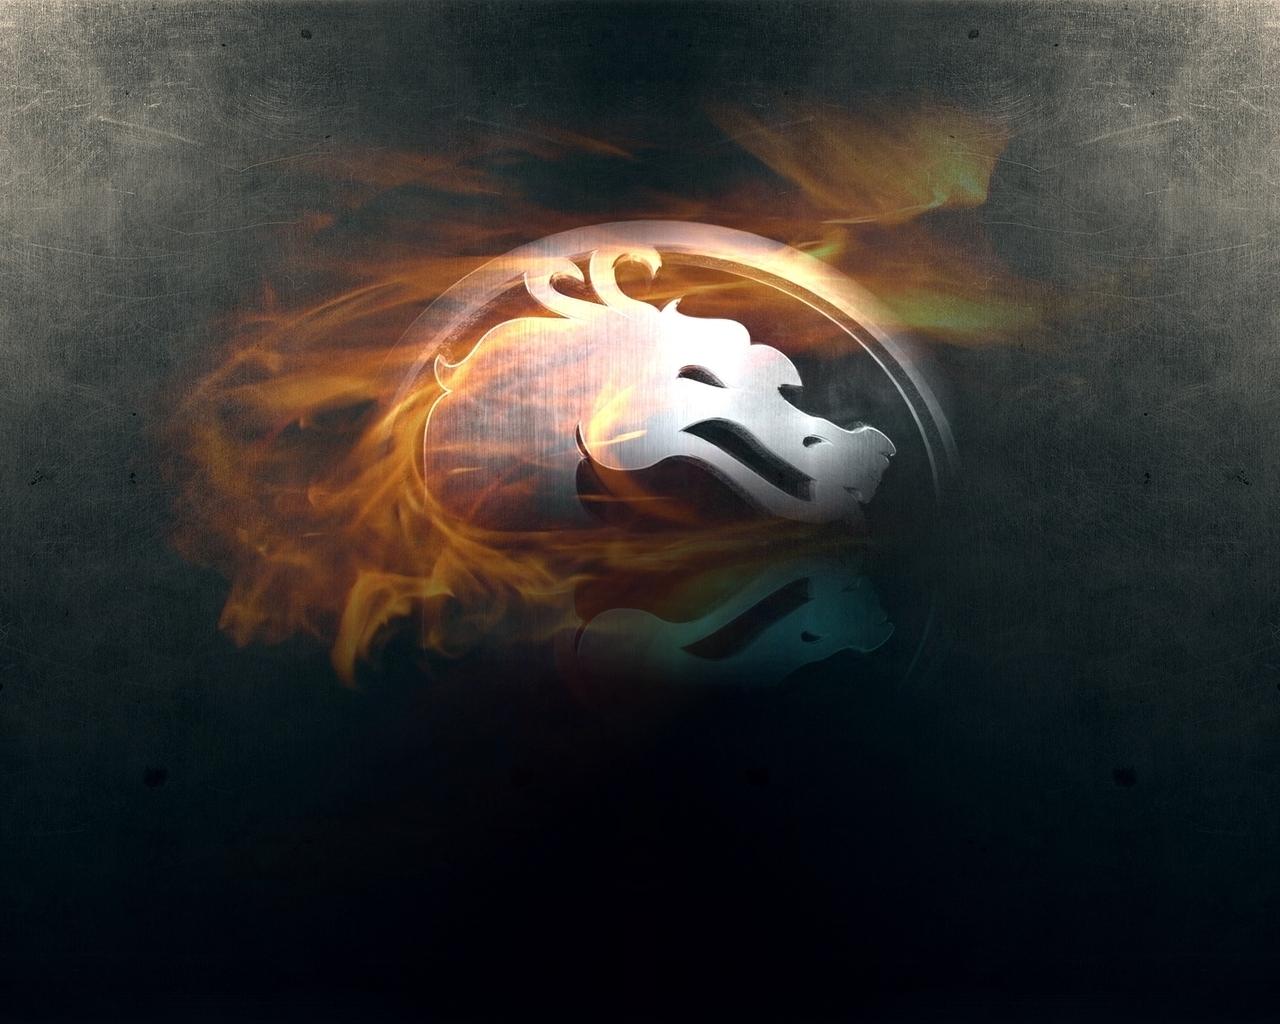 14602 скачать обои Игры, Логотипы, Драконы, Мортал Комбат (Mortal Kombat) - заставки и картинки бесплатно